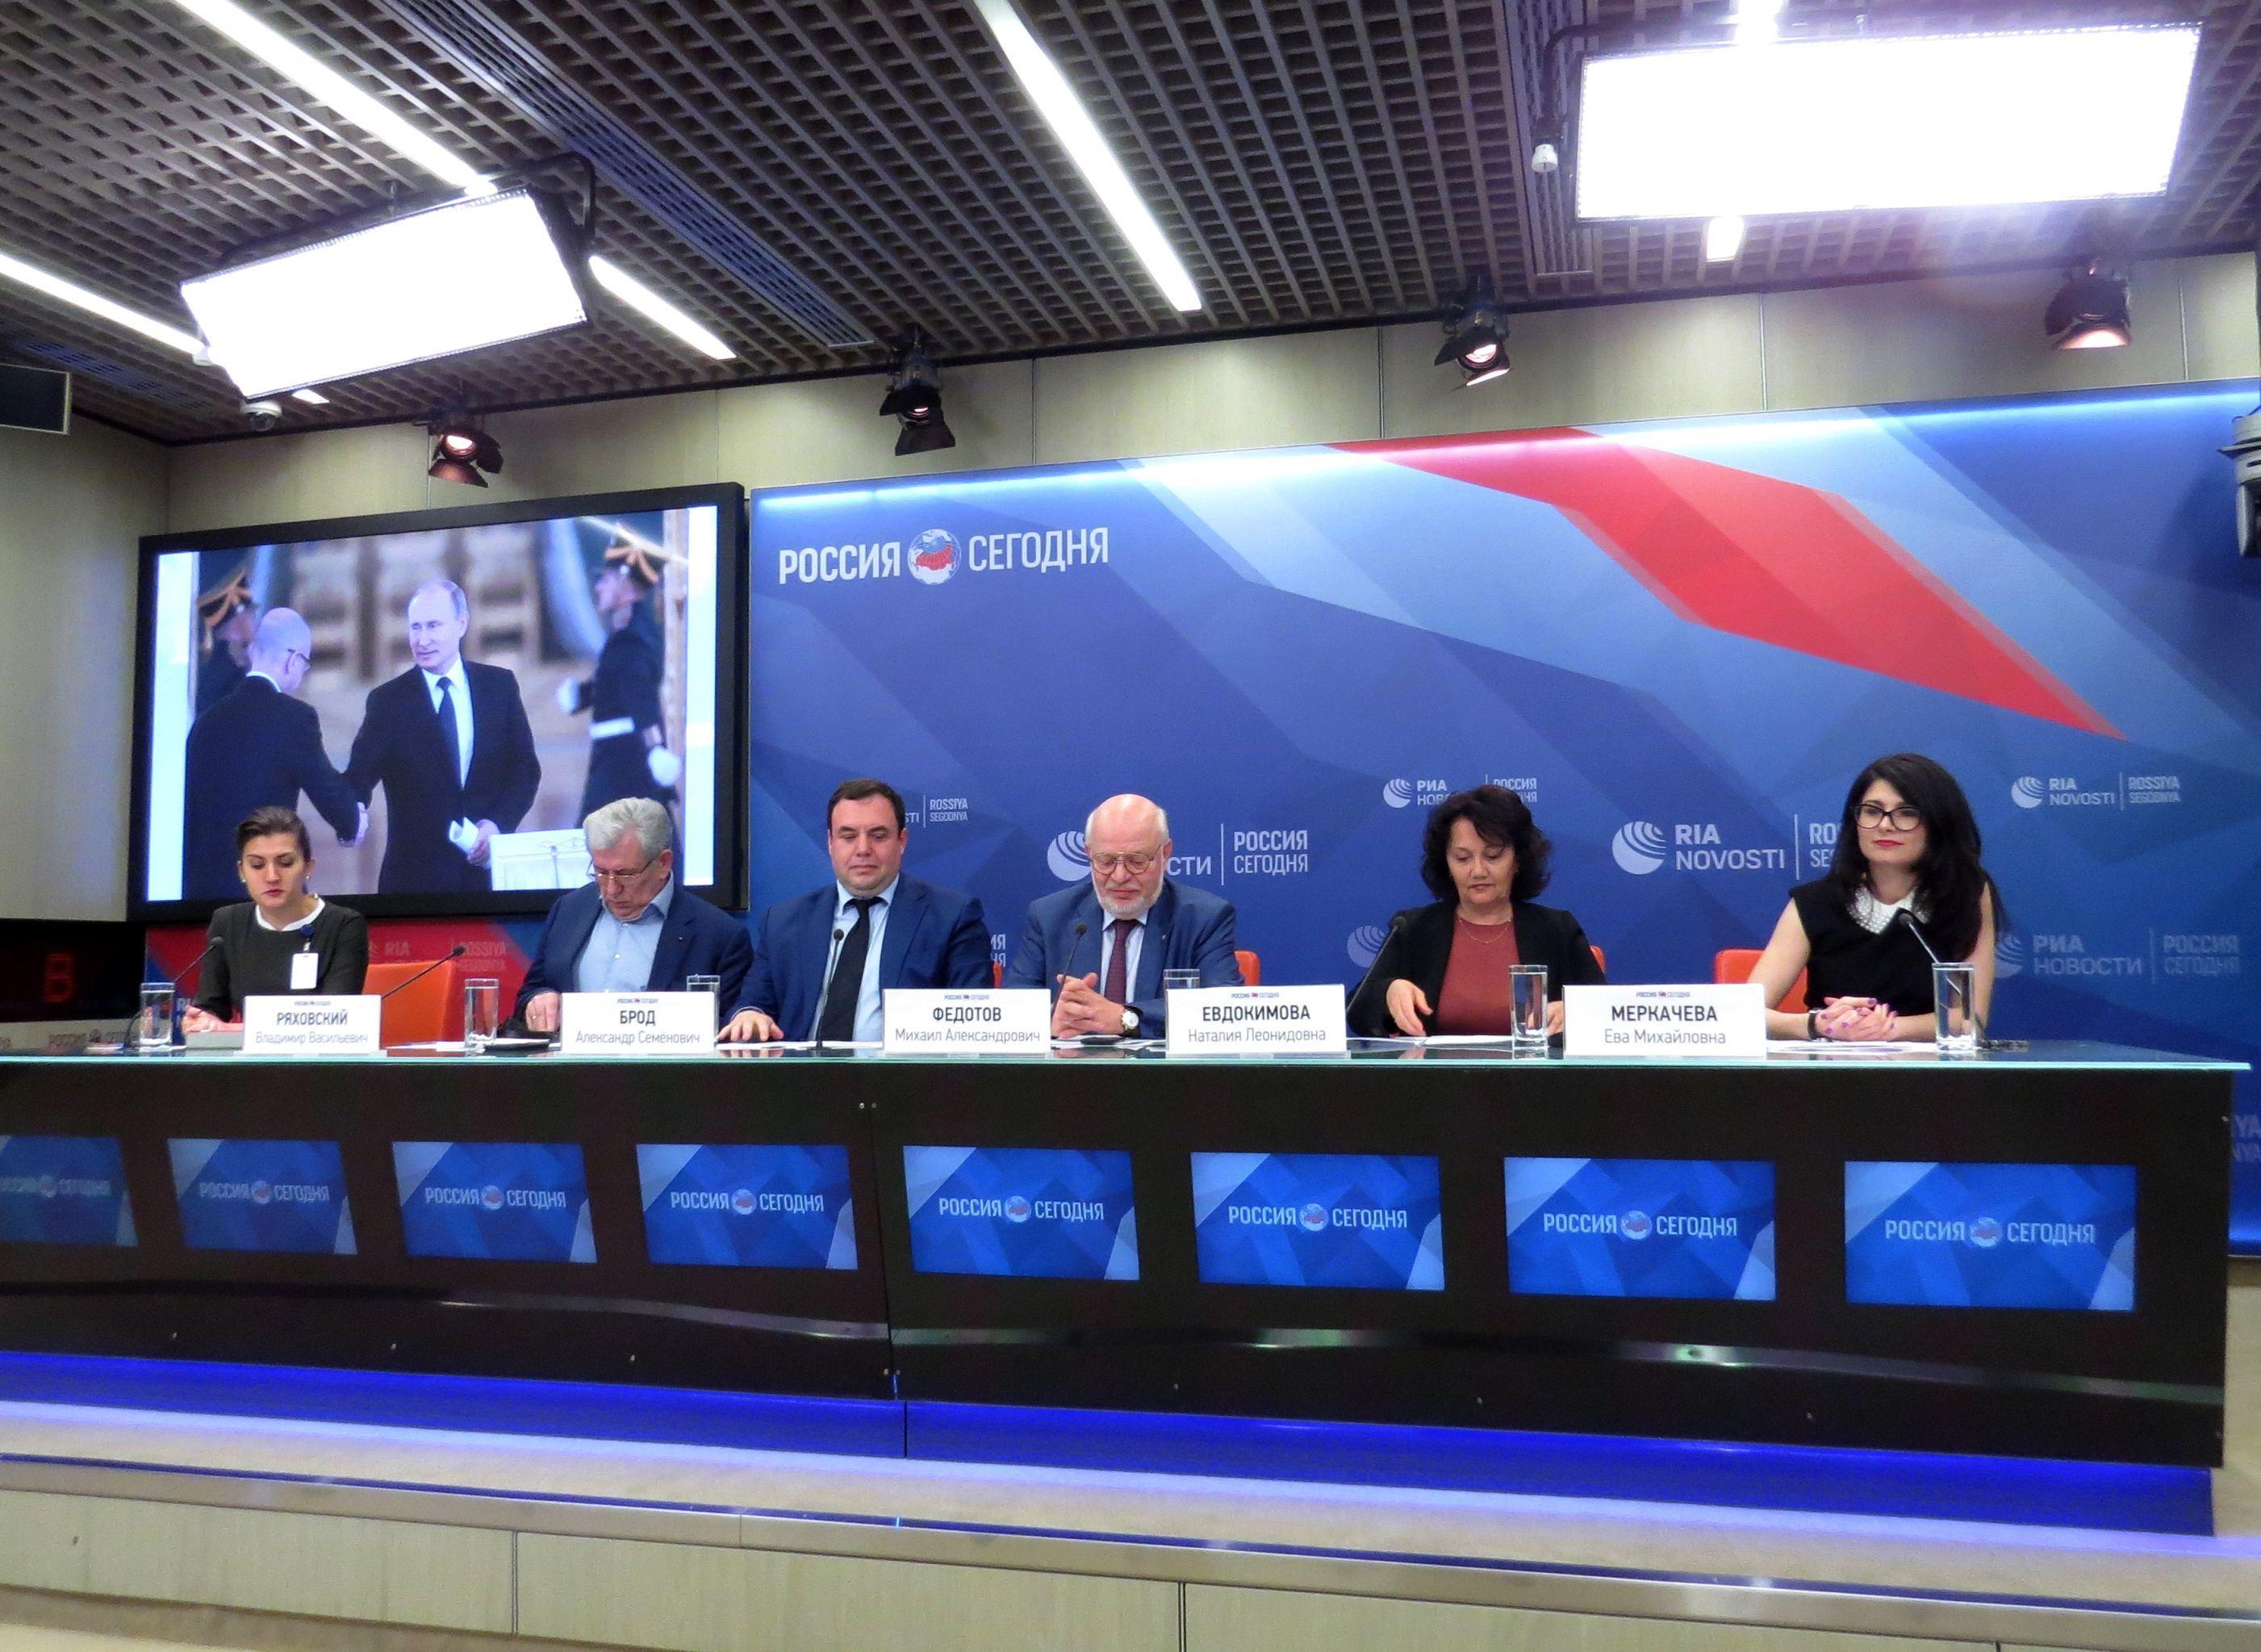 Konferencja prasowa członków Rady ds. Rozwoju Społeczeństwa Obywatelskiego i Praw Człowieka w Agencji Informacyjnej MIA Rossiya Segodiya